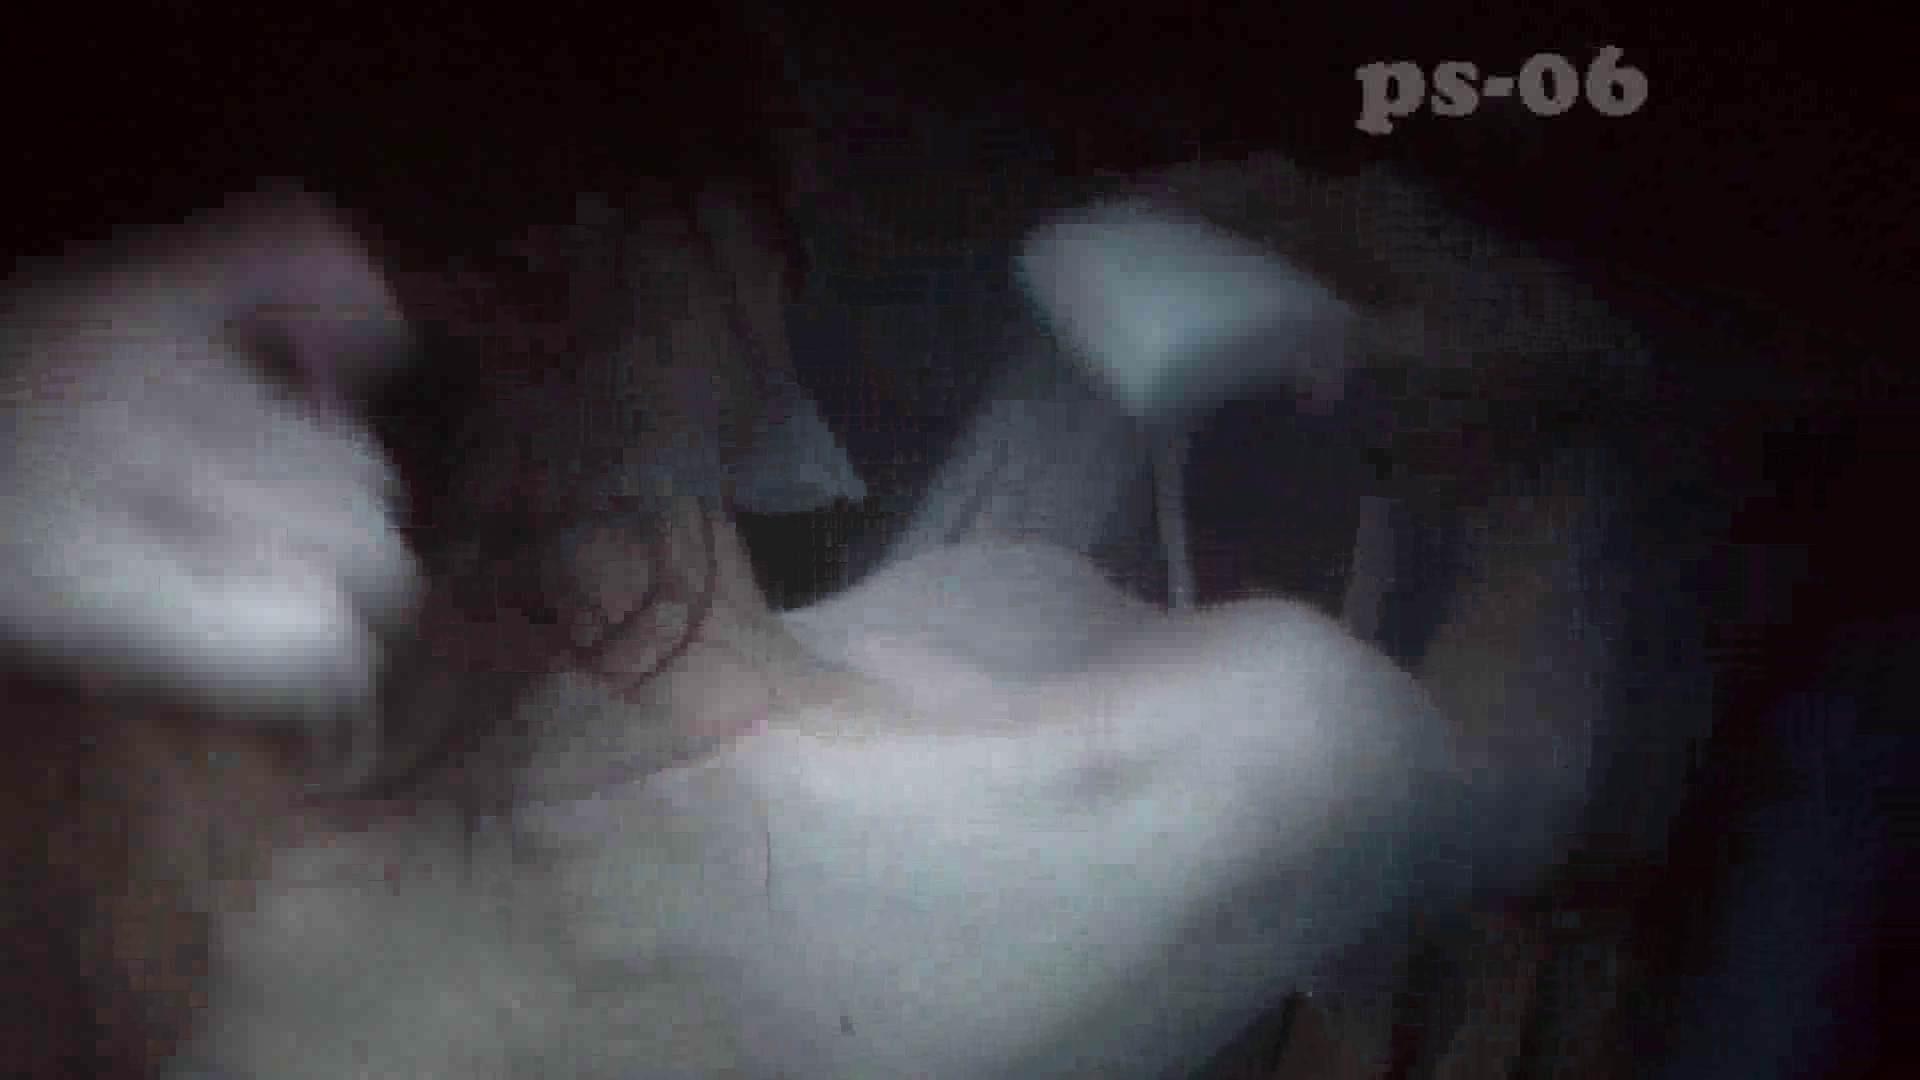 シャワールームは危険な香りVol.6(ハイビジョンサンプル版) 盗撮・必見 スケベ動画紹介 64画像 18